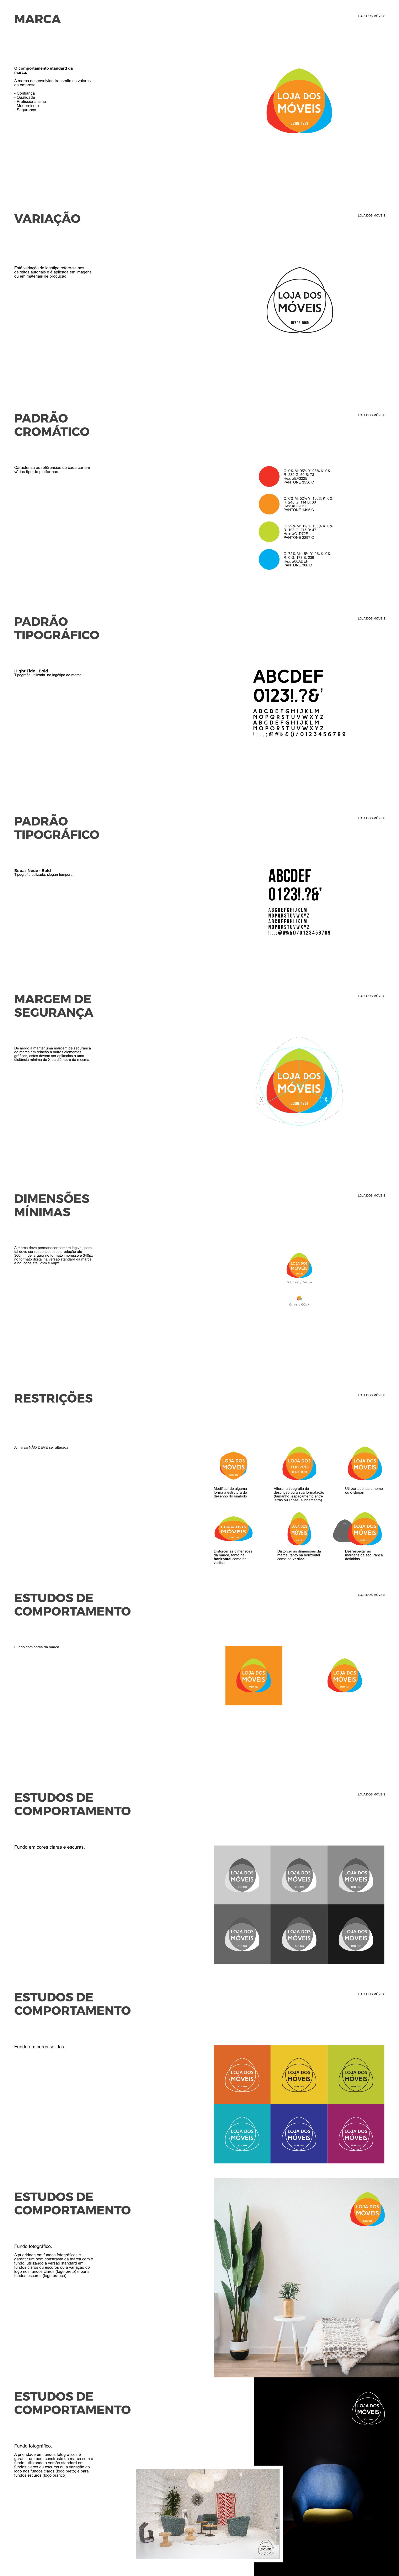 loja-dos-movies-designed-by-paulo-ferreira-designer_criativo